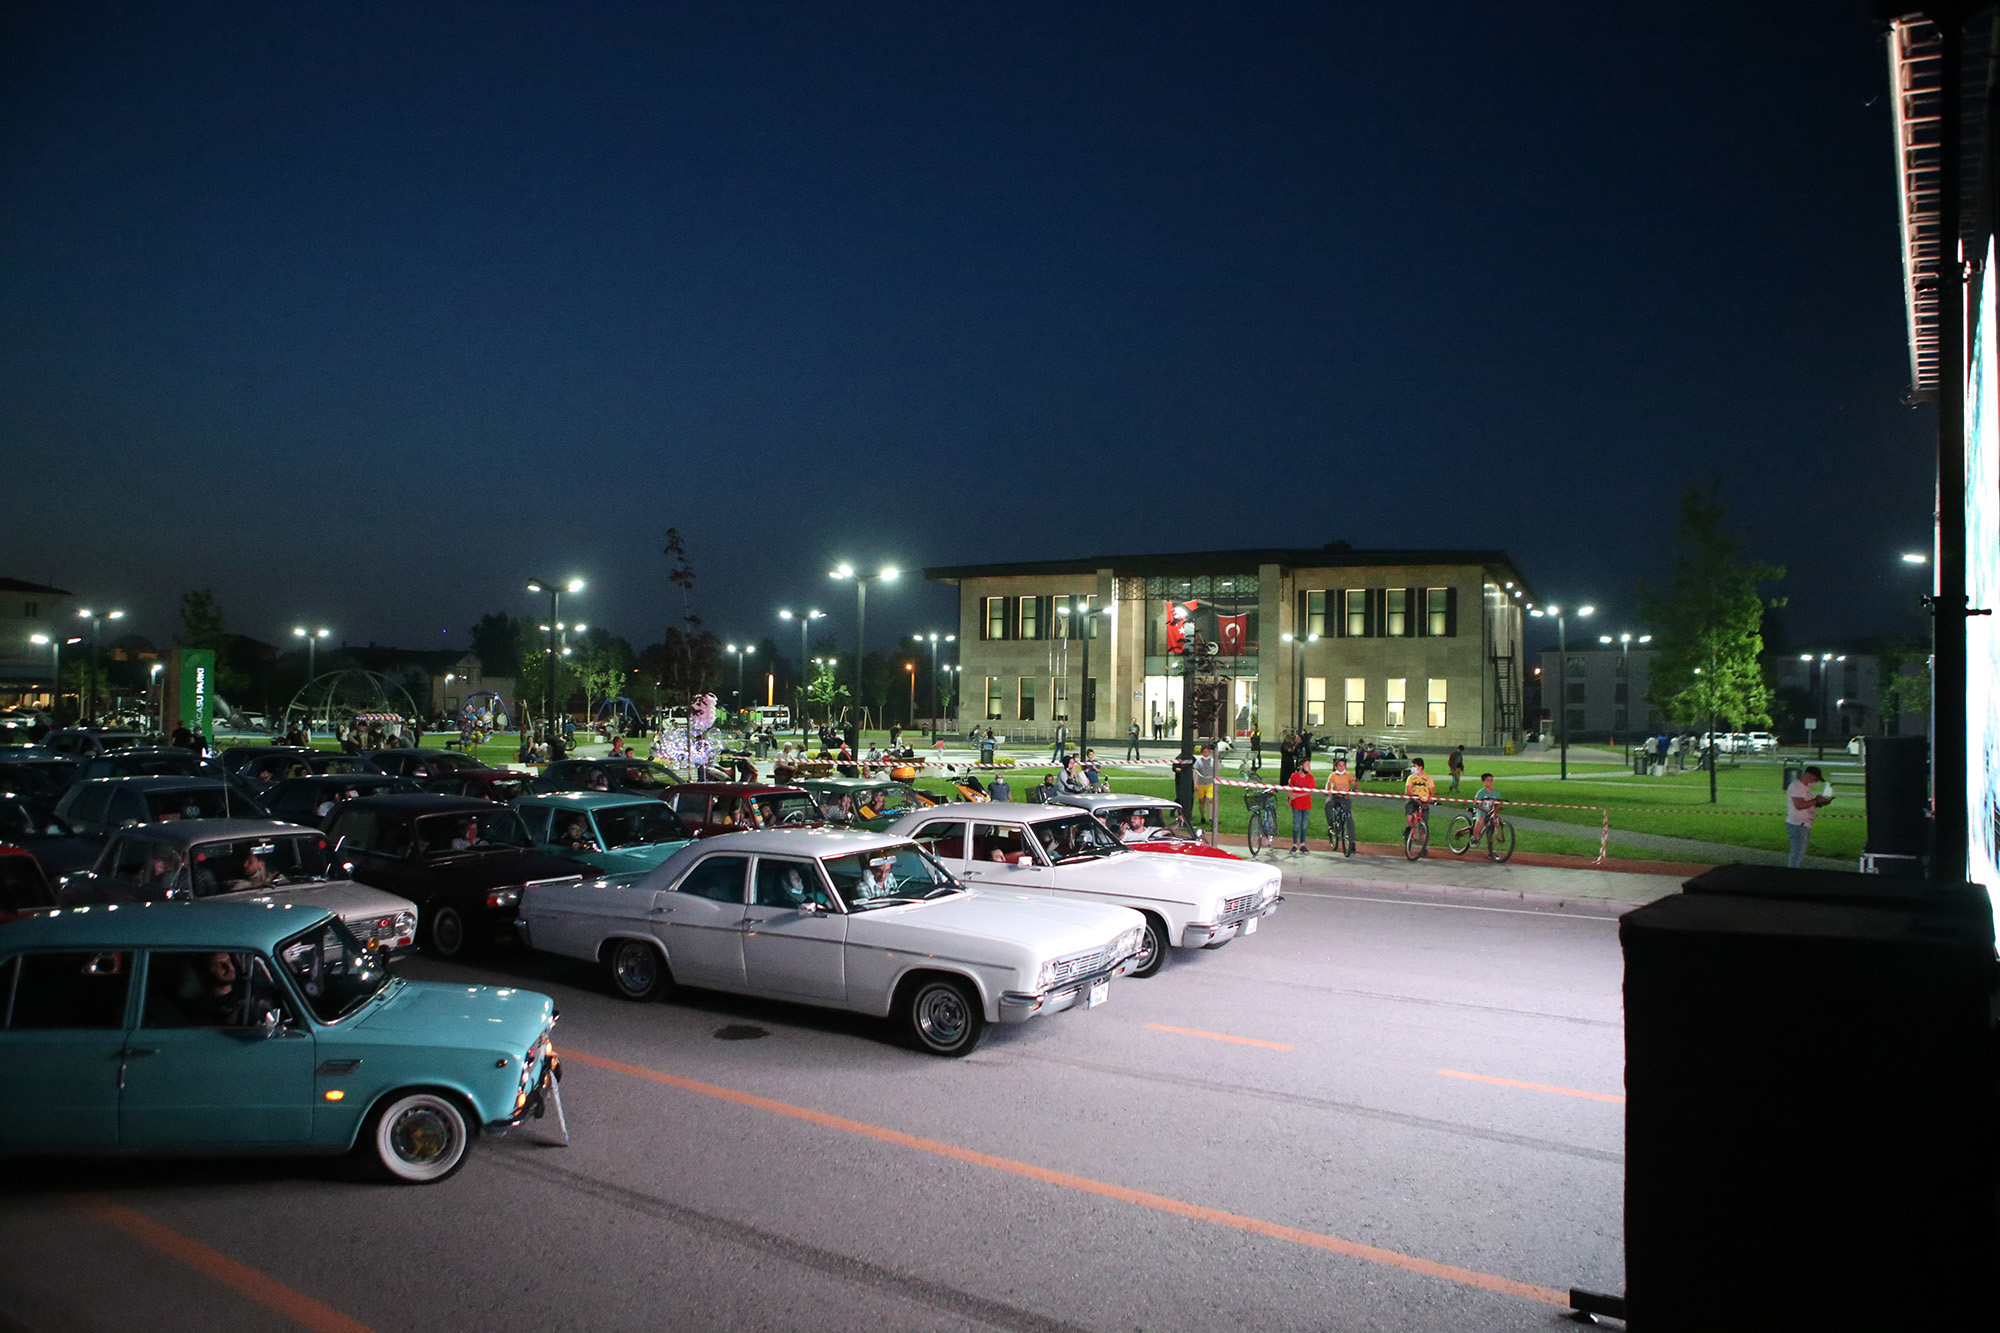 Arabalı sinema Akyaz'daydı